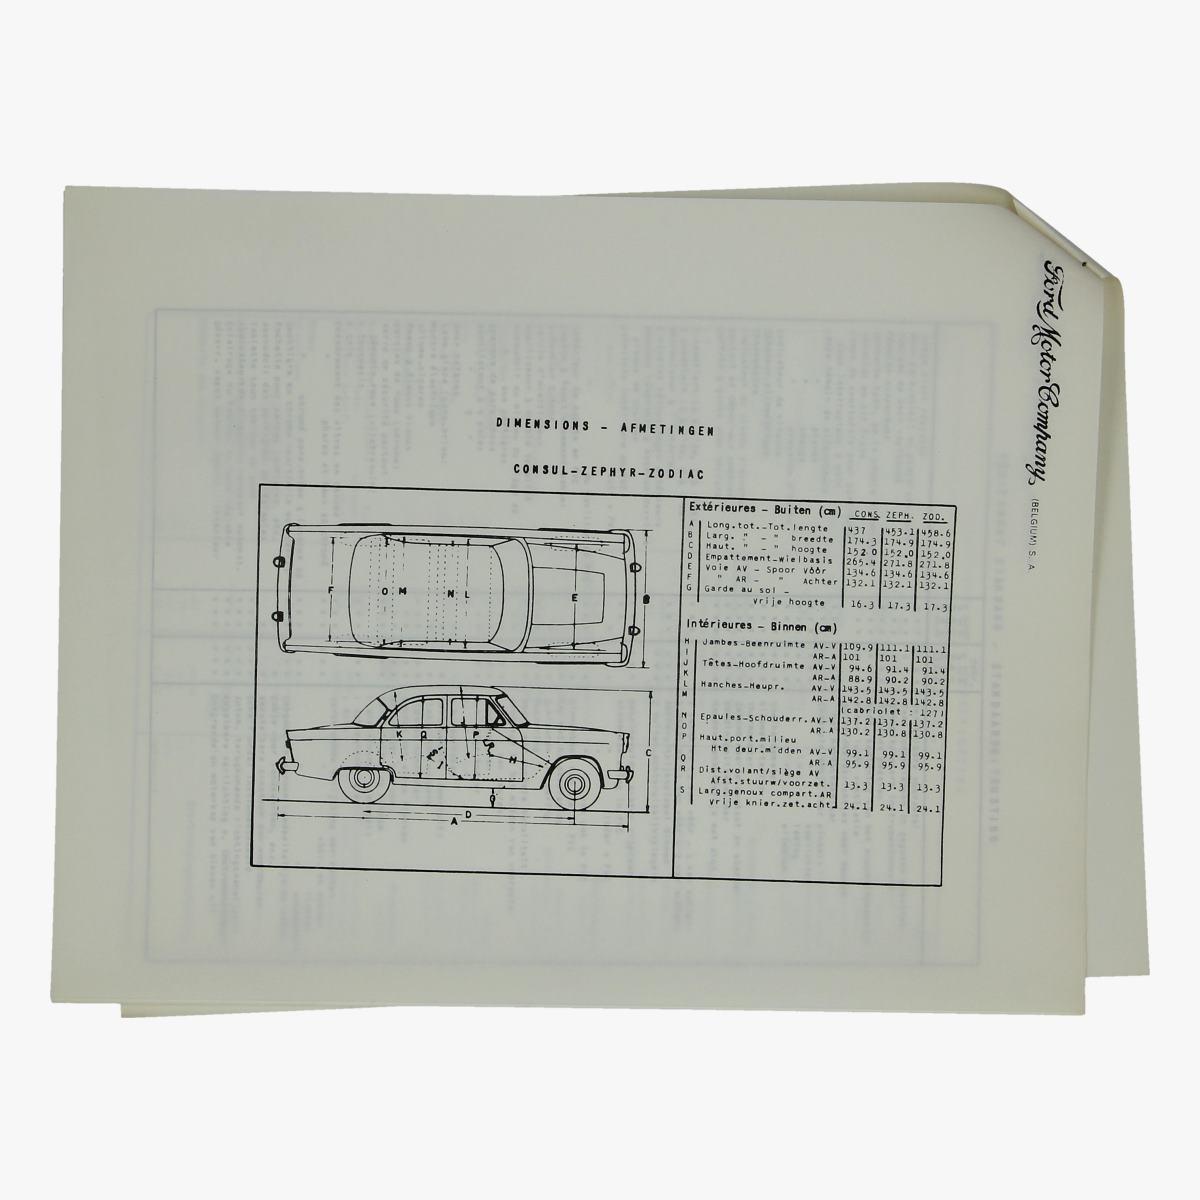 Afbeeldingen van oude folder 1961 ford motor company consul de luxe,zephyr de luxe en zodiac